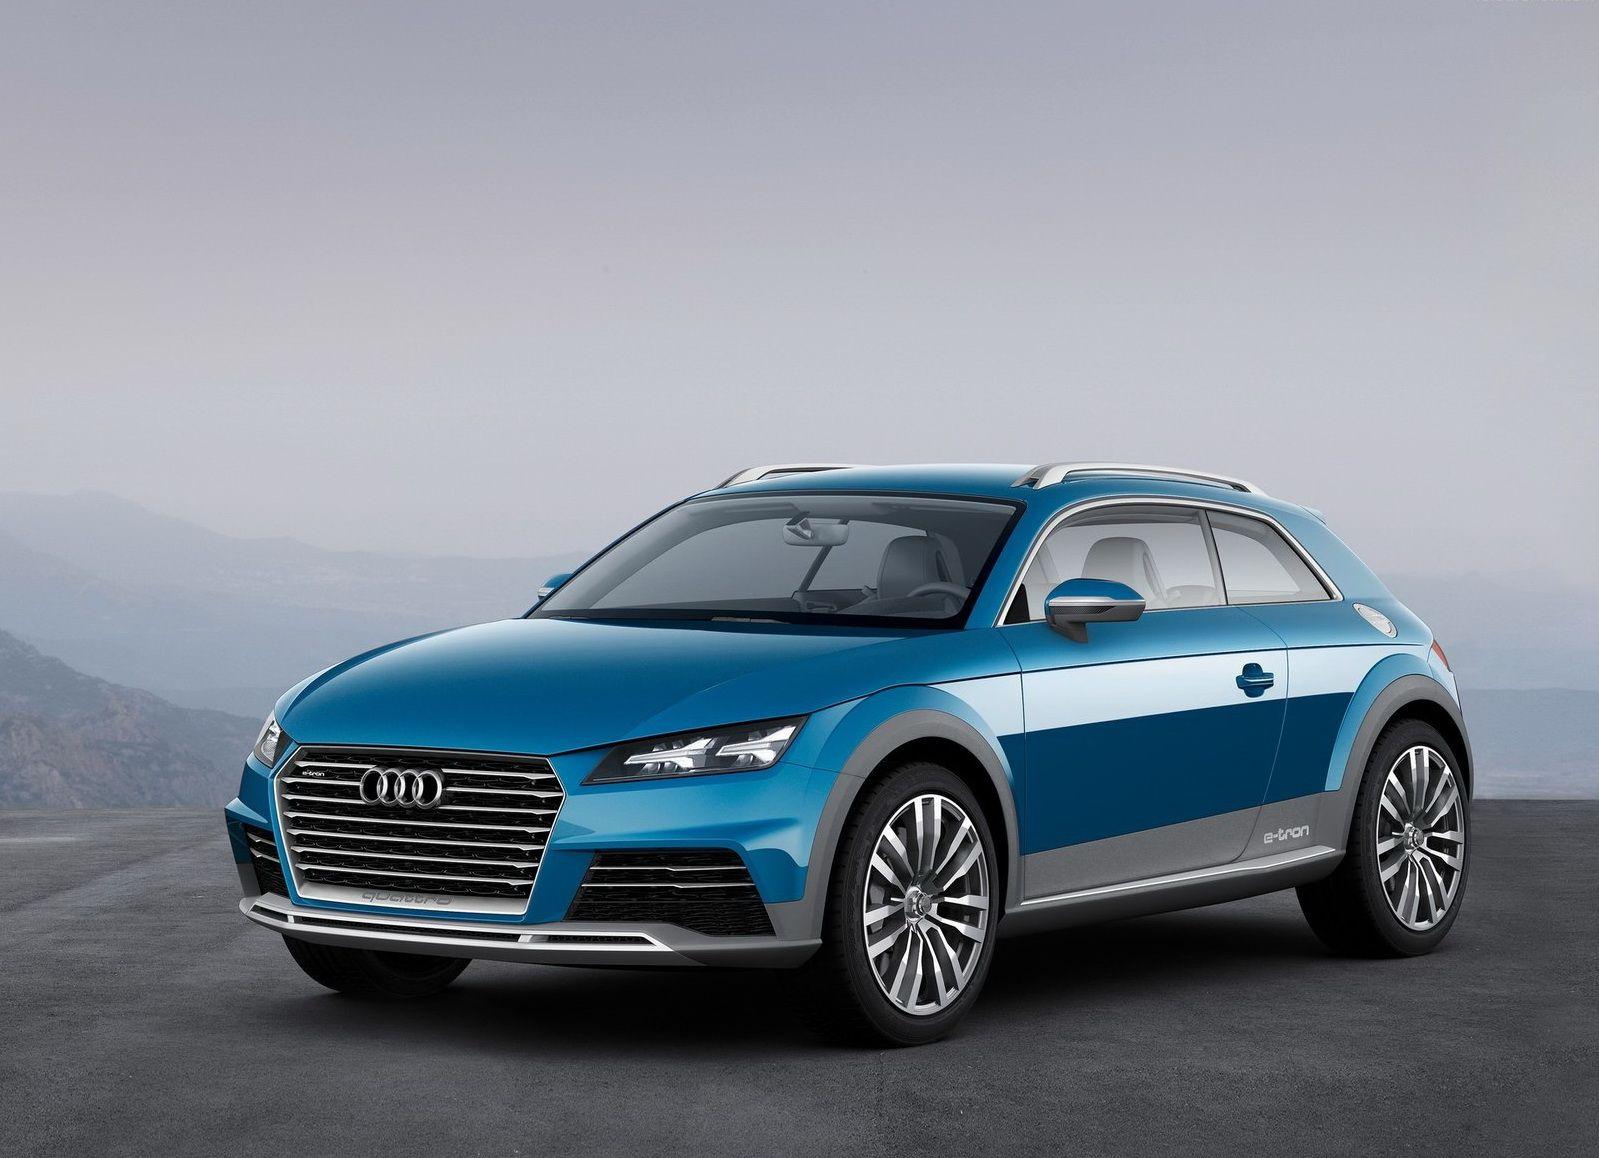 PURIFICACION DE AIRE AIRLIFE te dice. El Audi Allroad Shooting Brake Concept es impulsado por un sistema de propulsión híbrido (gasolina y electricidad) que puede generar un total de 300 kW de potencia (479.42 libras pies de torque) y  en las circunstancias adecuadas, obtener el equivalente eficiencia de combustible de 123.8 mpg EE.UU. El lado de gas se compone de un motor turboalimentado de cuatro cilindros de 2.0 litros  y  un motor eléctrico en cada eje.